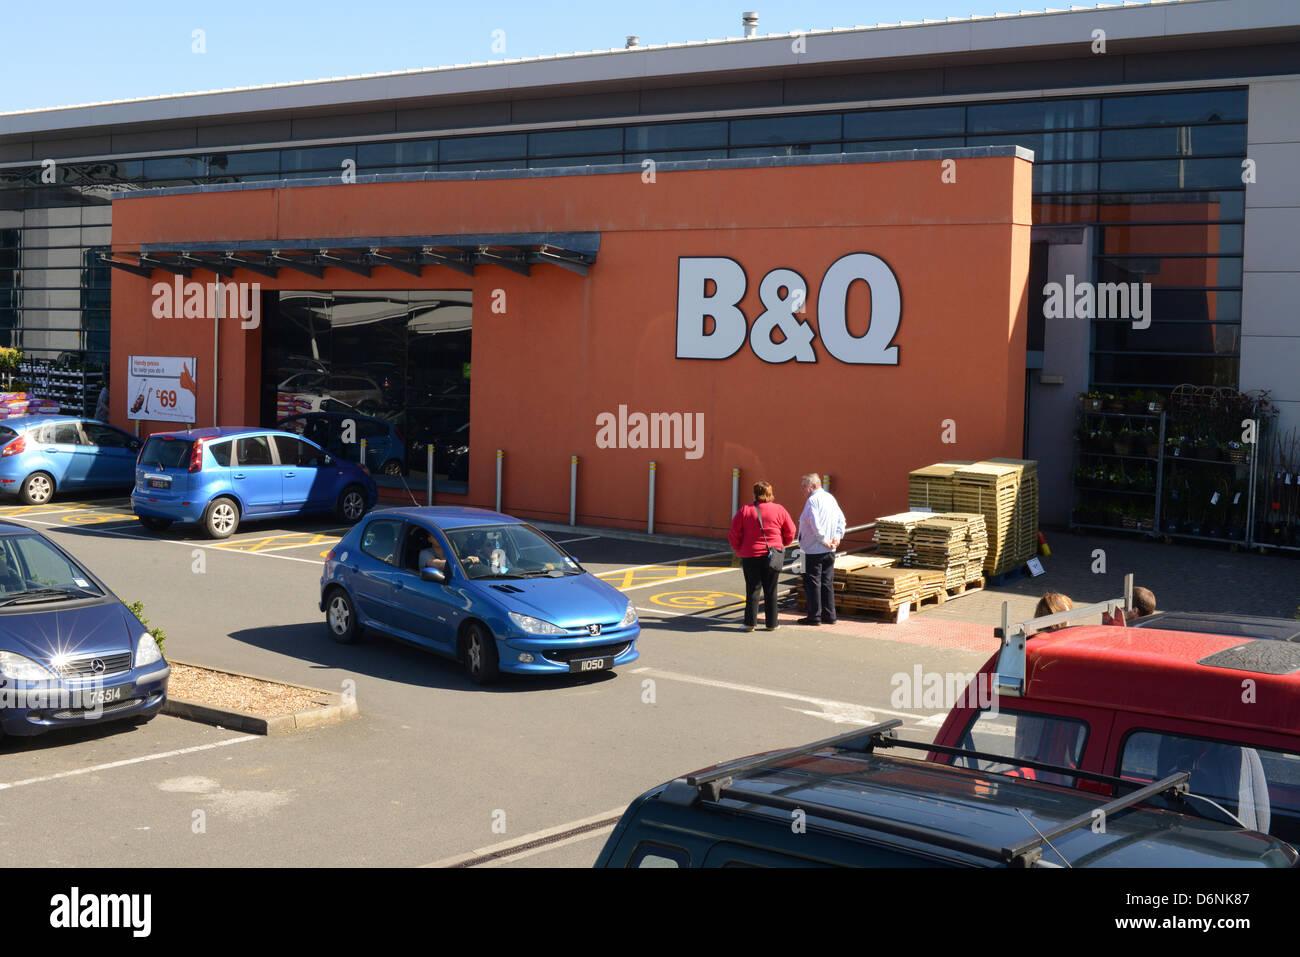 Foss Islands Retail Park Car Parking